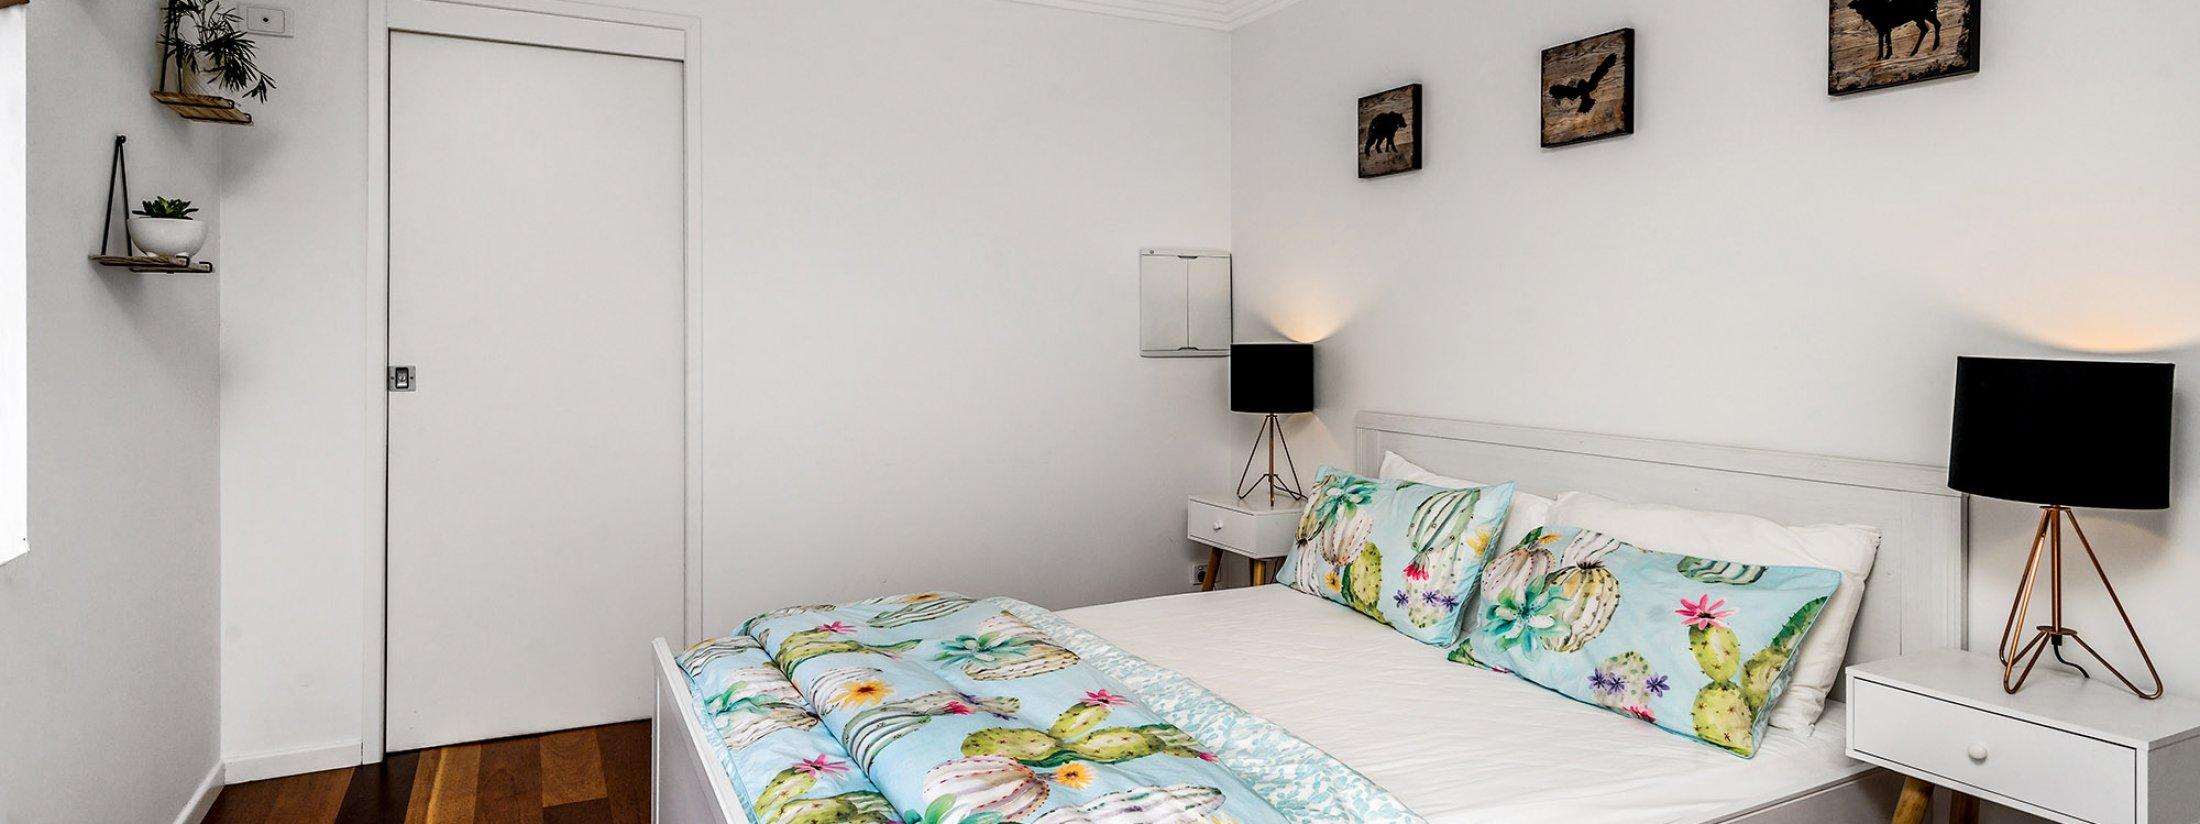 Pacifica - Broadbeach Waters - Bedroom 2